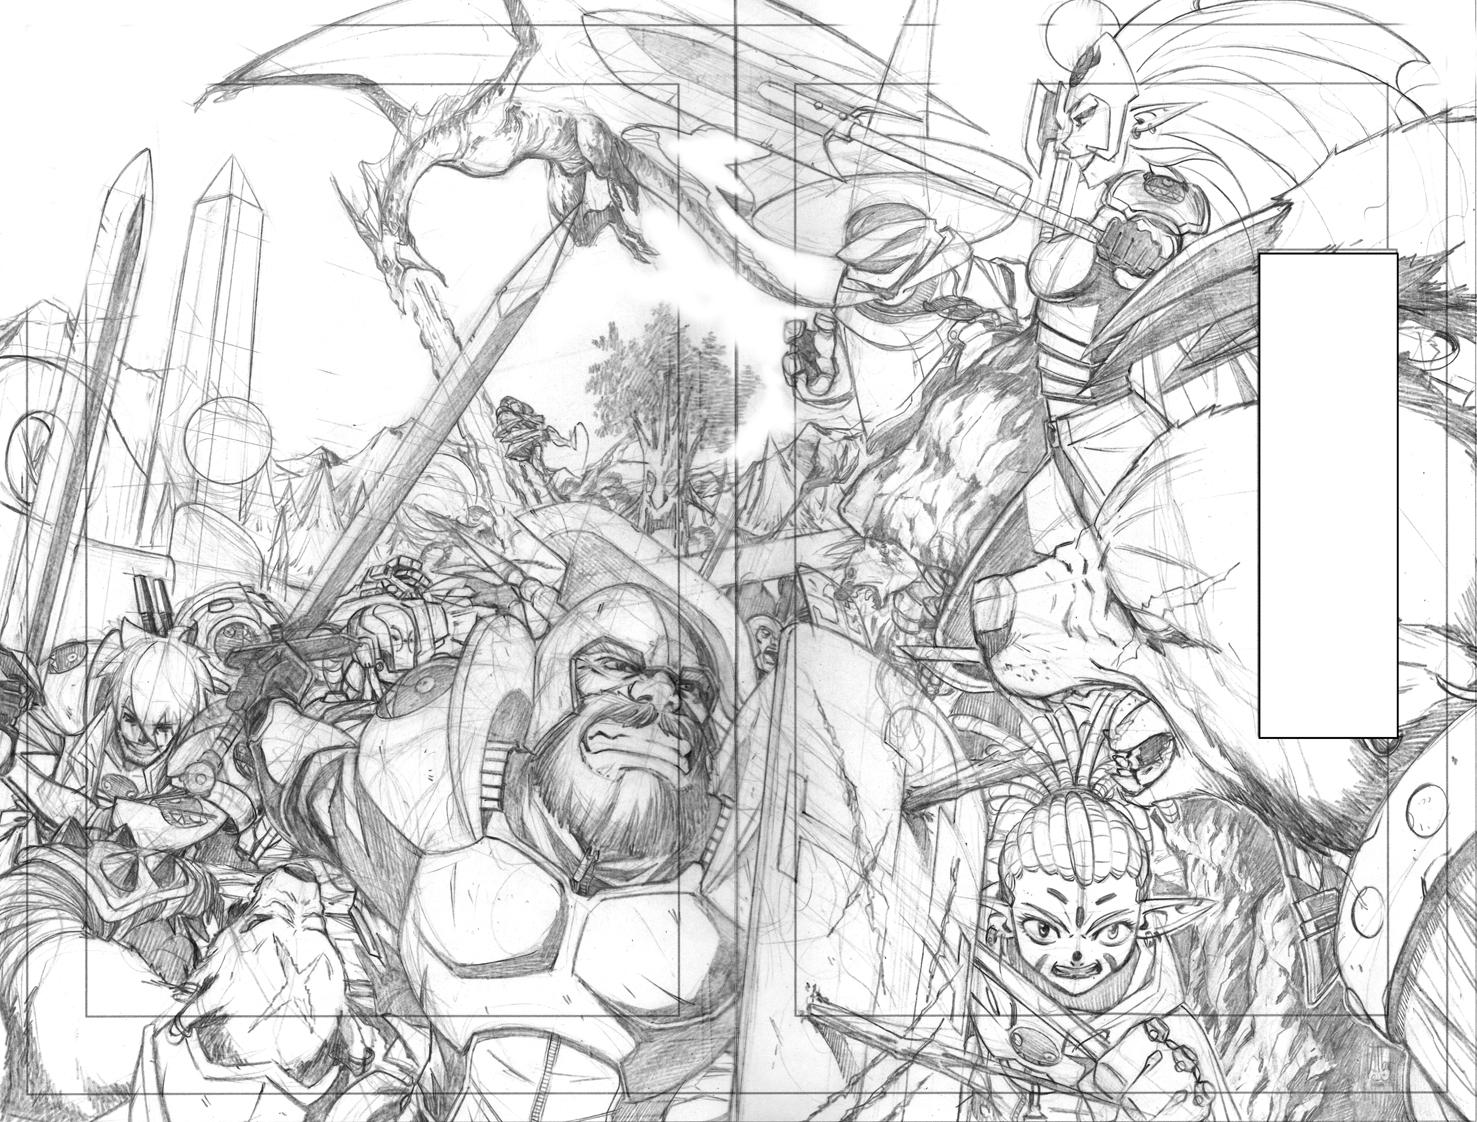 Epic Lanes tome 1 pages 02-03. Dessin crayonné : Albert Carreres. Epic Lanes © Hachette Comics.